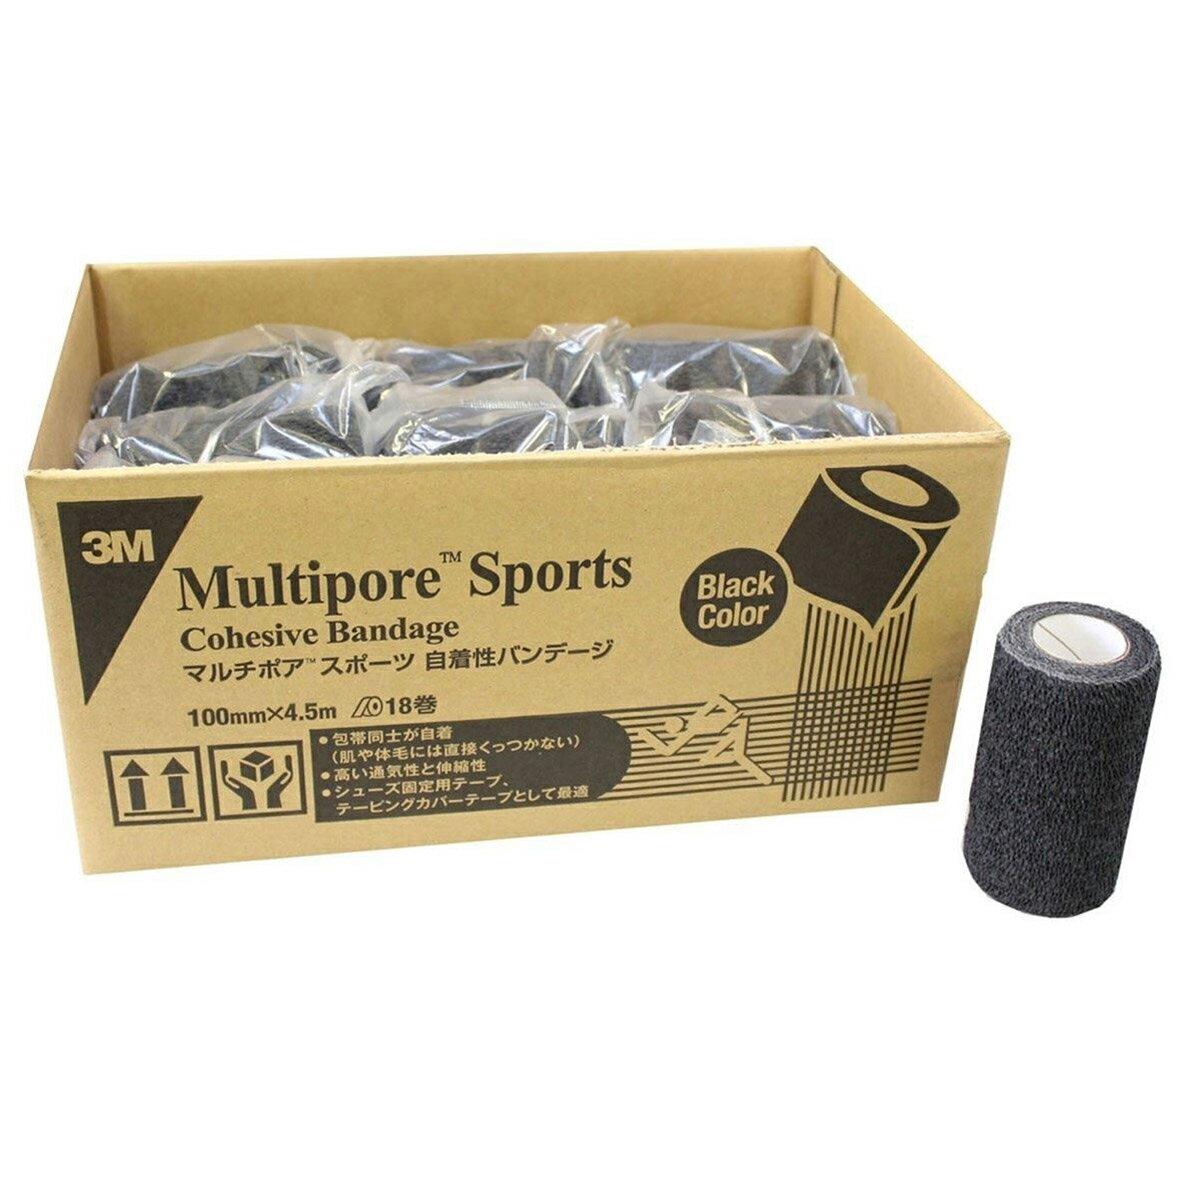 3M(スリーエム) テーピング マルチポアスポーツ 自着性 バンテージ 100mm×4.5m 18巻 [2509-100]